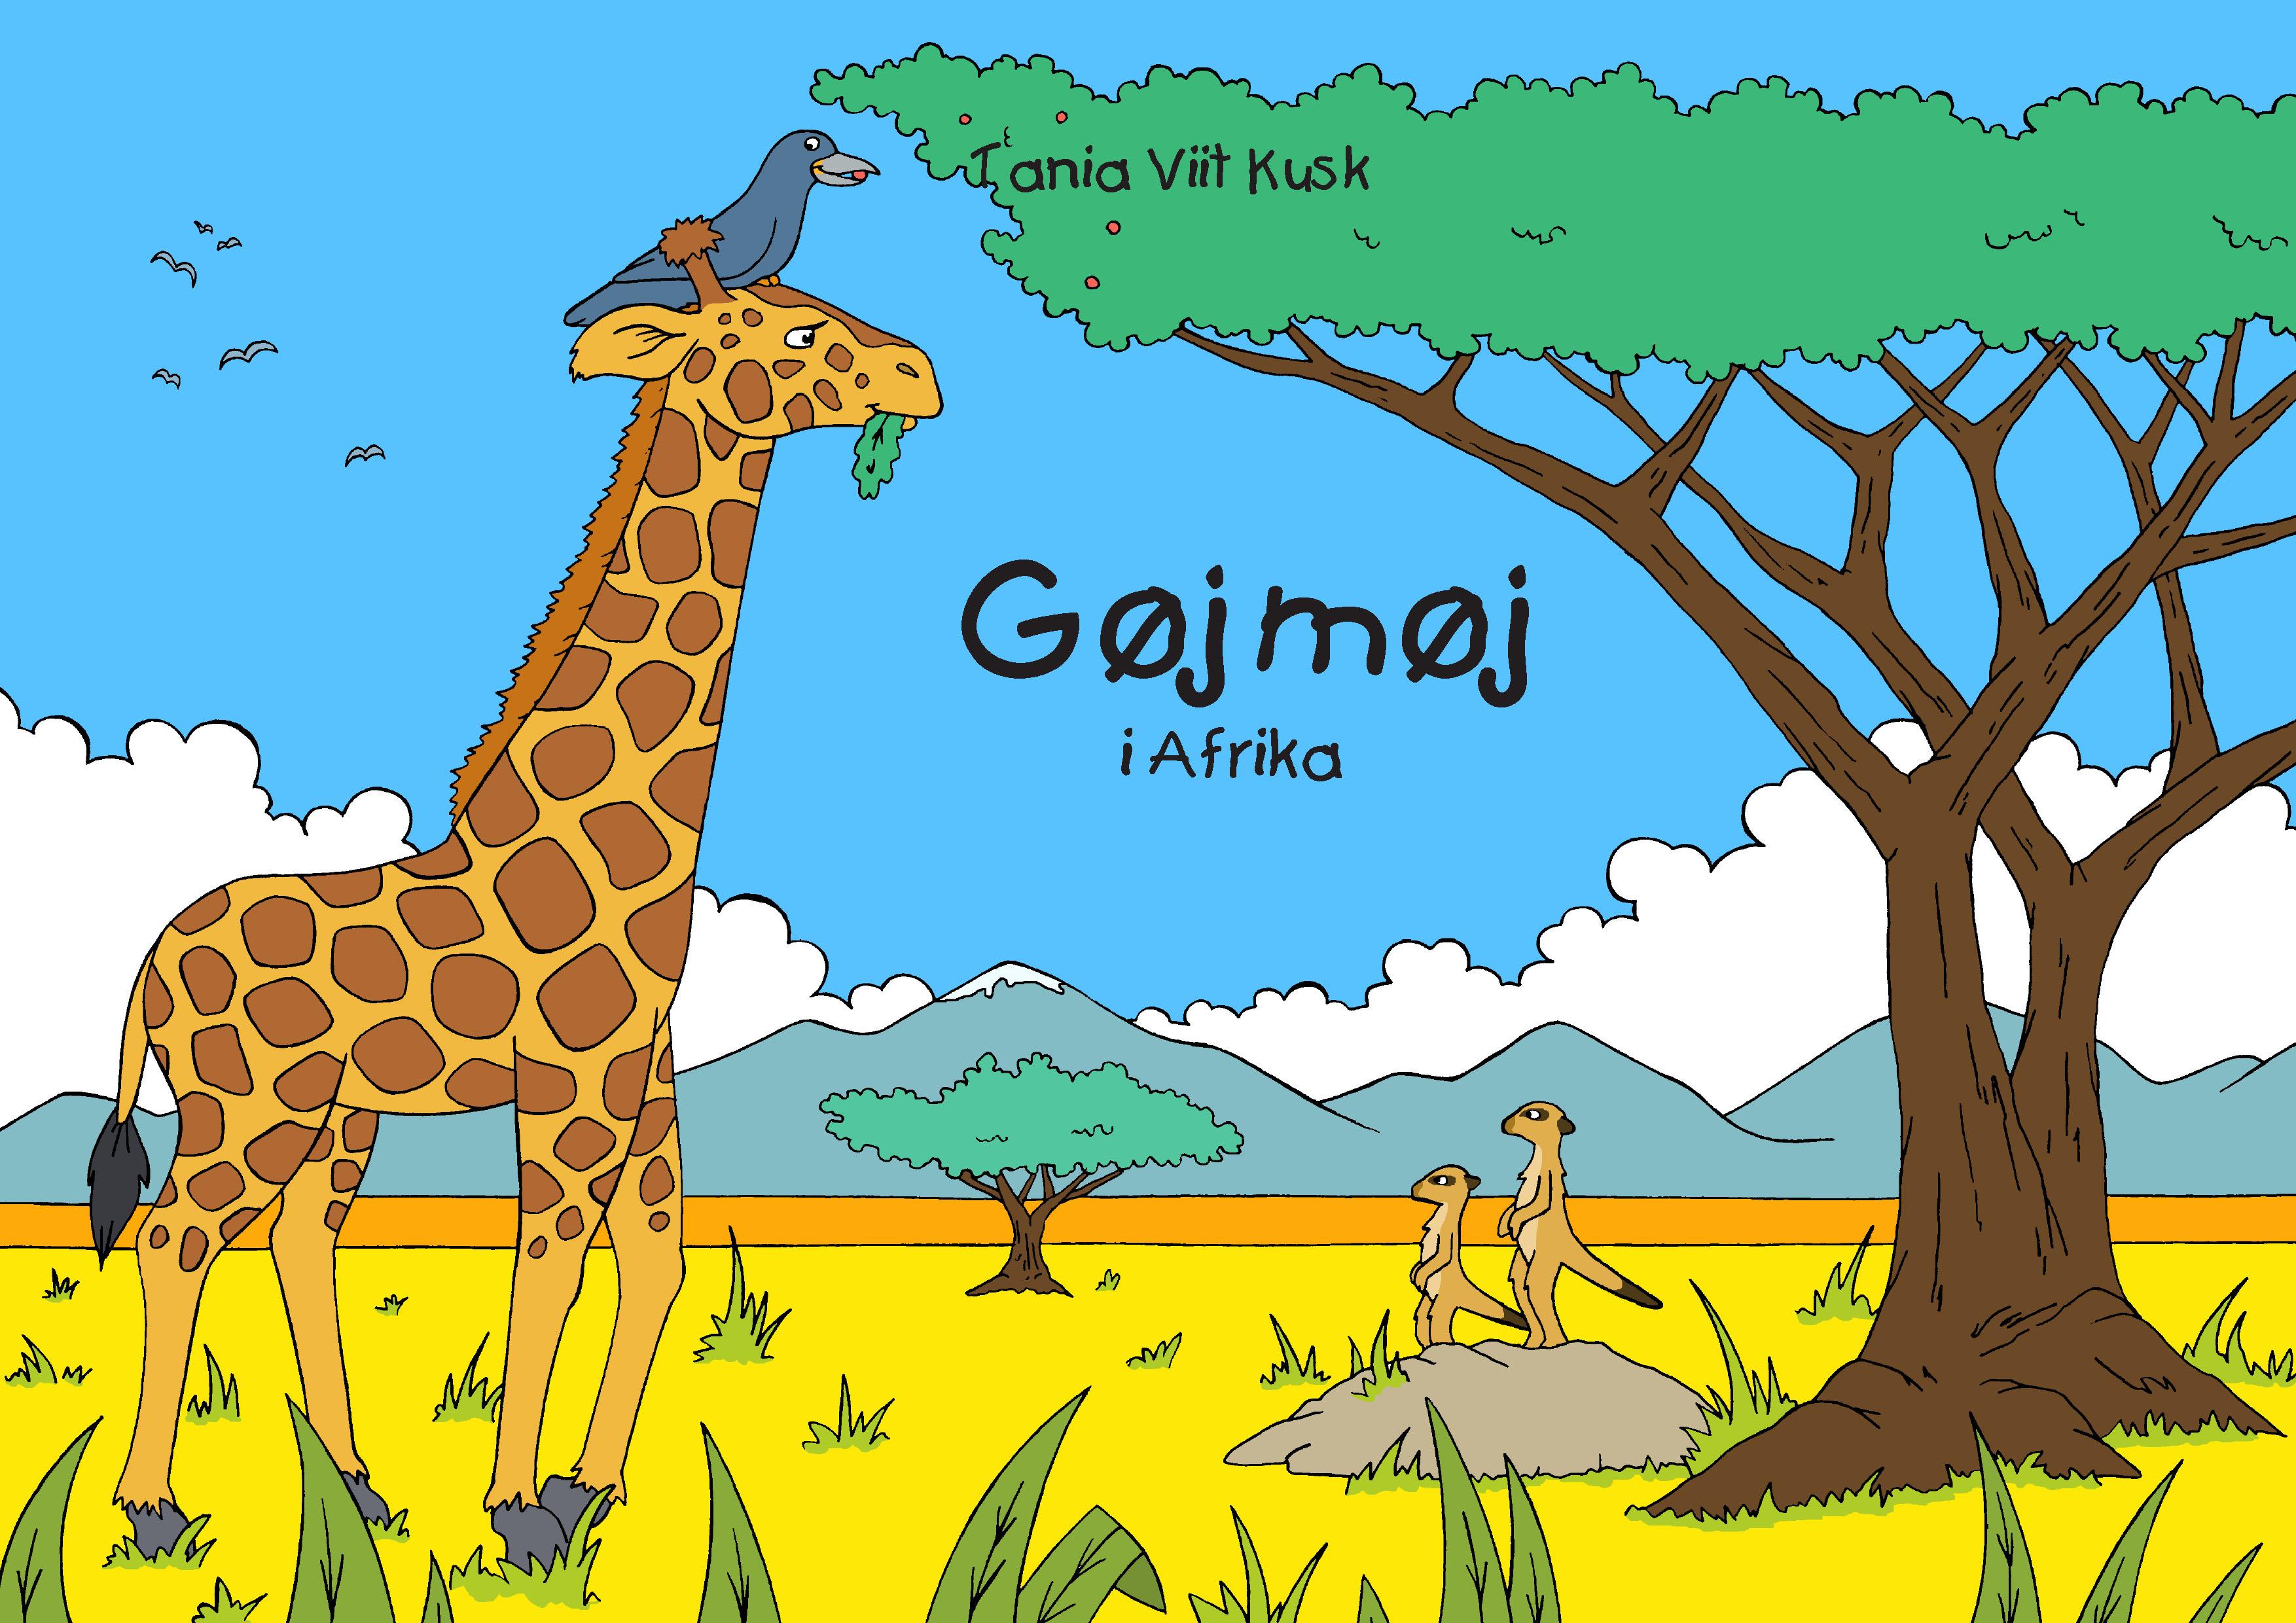 gøjmøj afrika